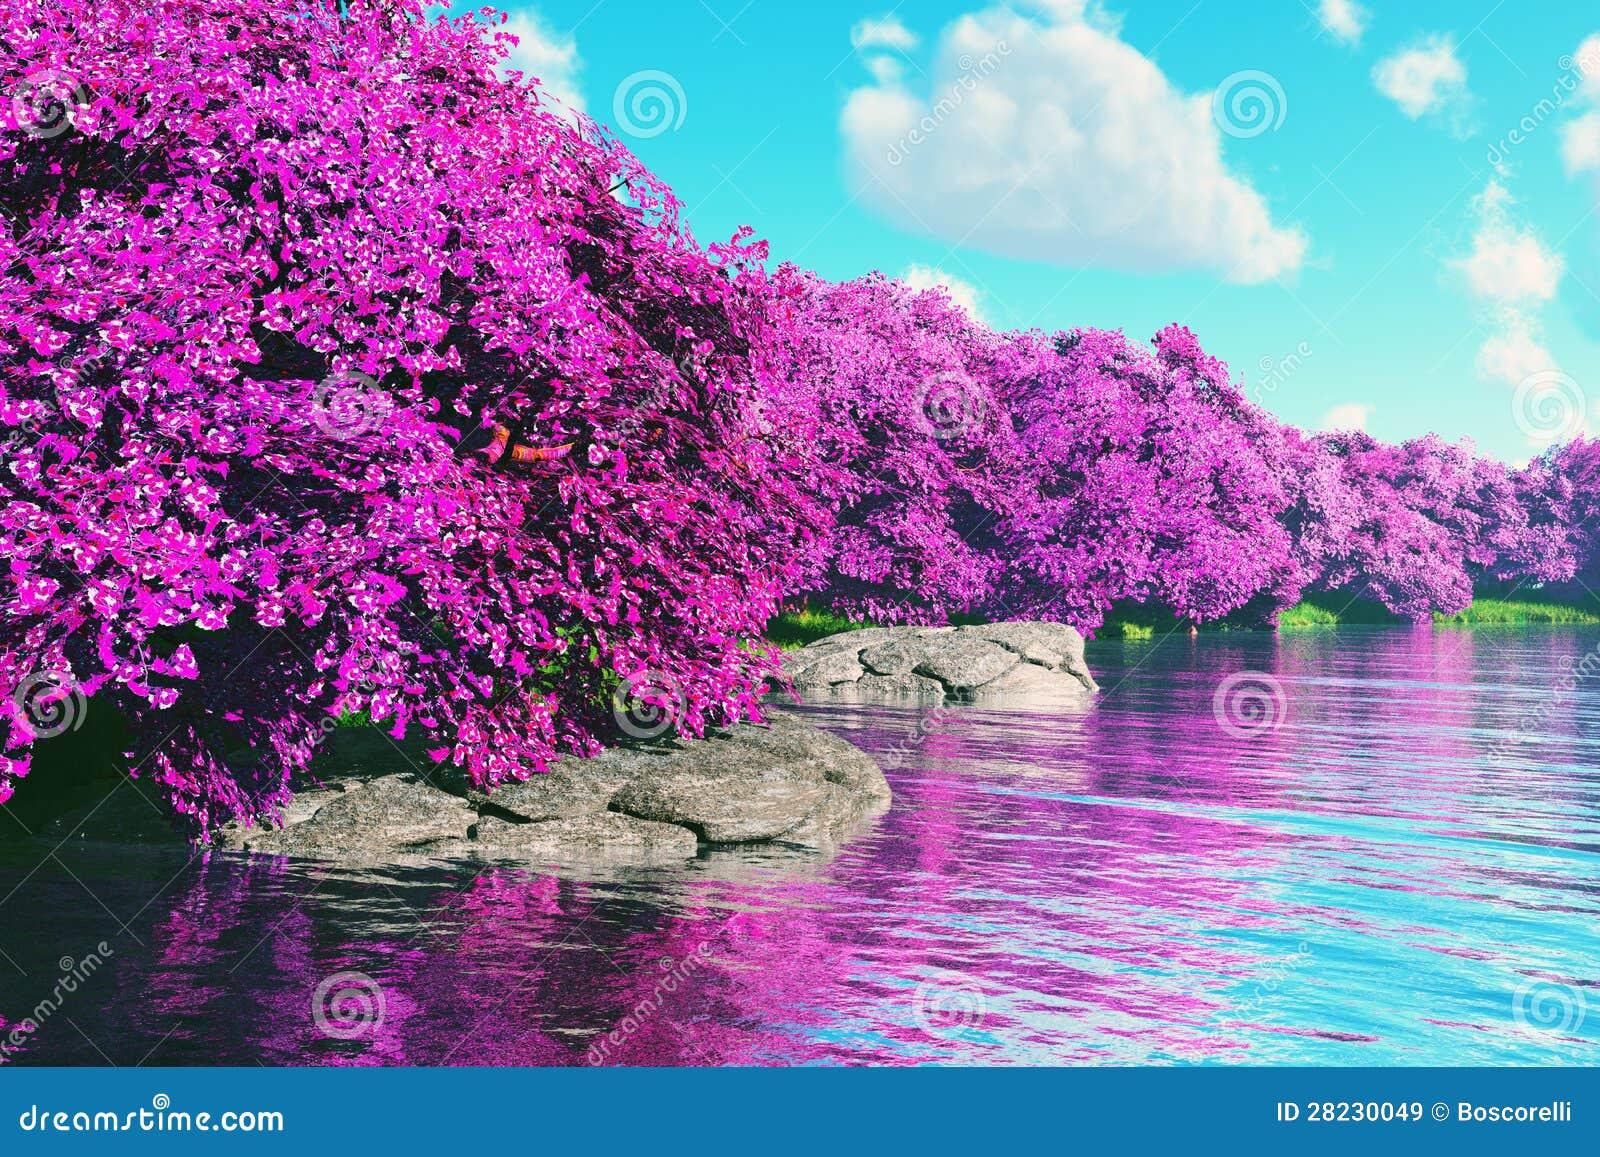 el jardin de las flores com: